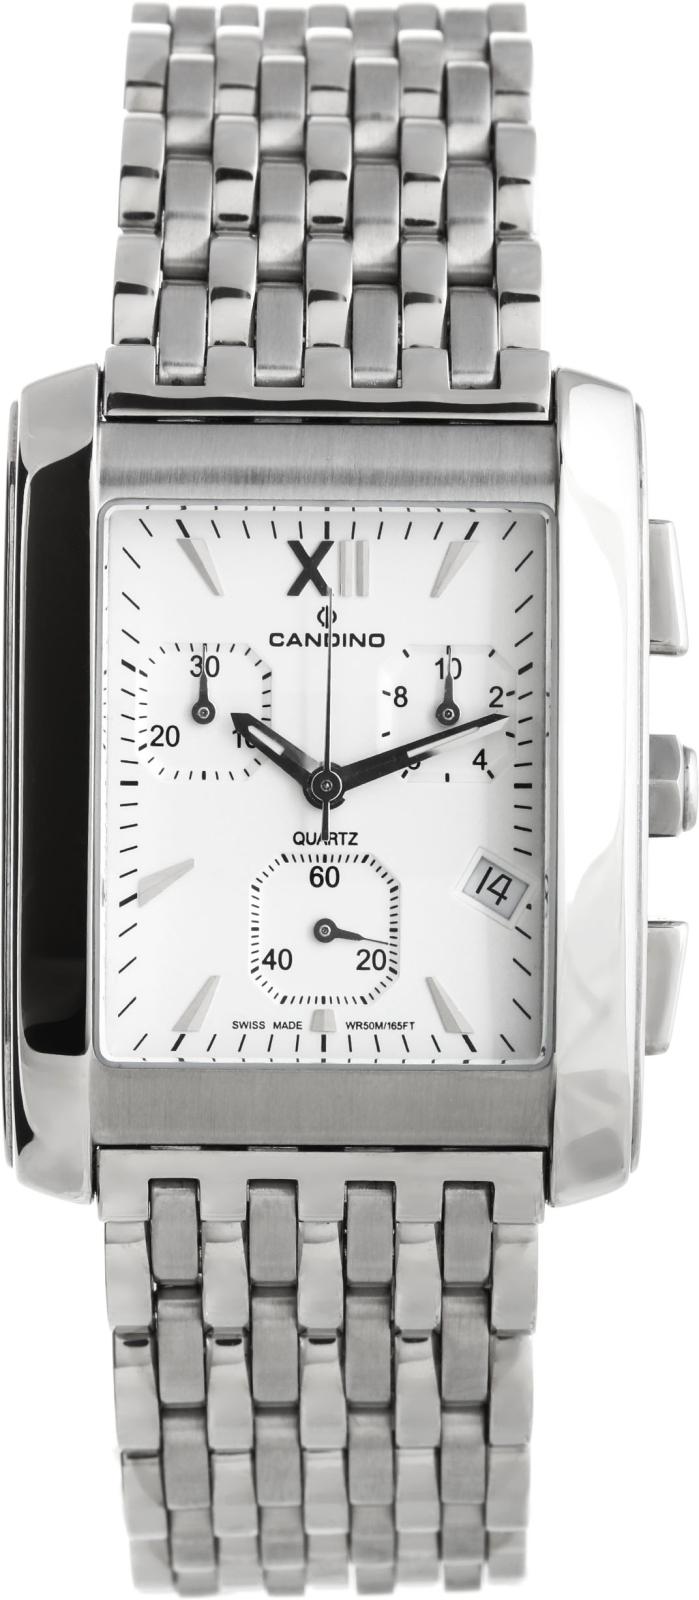 Candino Chronograph C7502/1Наручные часы<br>Швейцарские часы Candino Chronograph C7502/1<br><br>Пол: Мужские<br>Страна-производитель: Швейцария<br>Механизм: Кварцевый<br>Материал корпуса: Сталь<br>Материал ремня/браслета: Сталь<br>Водозащита, диапазон: 20 - 100 м<br>Стекло: Минеральное<br>Толщина корпуса: None<br>Стиль: Спорт